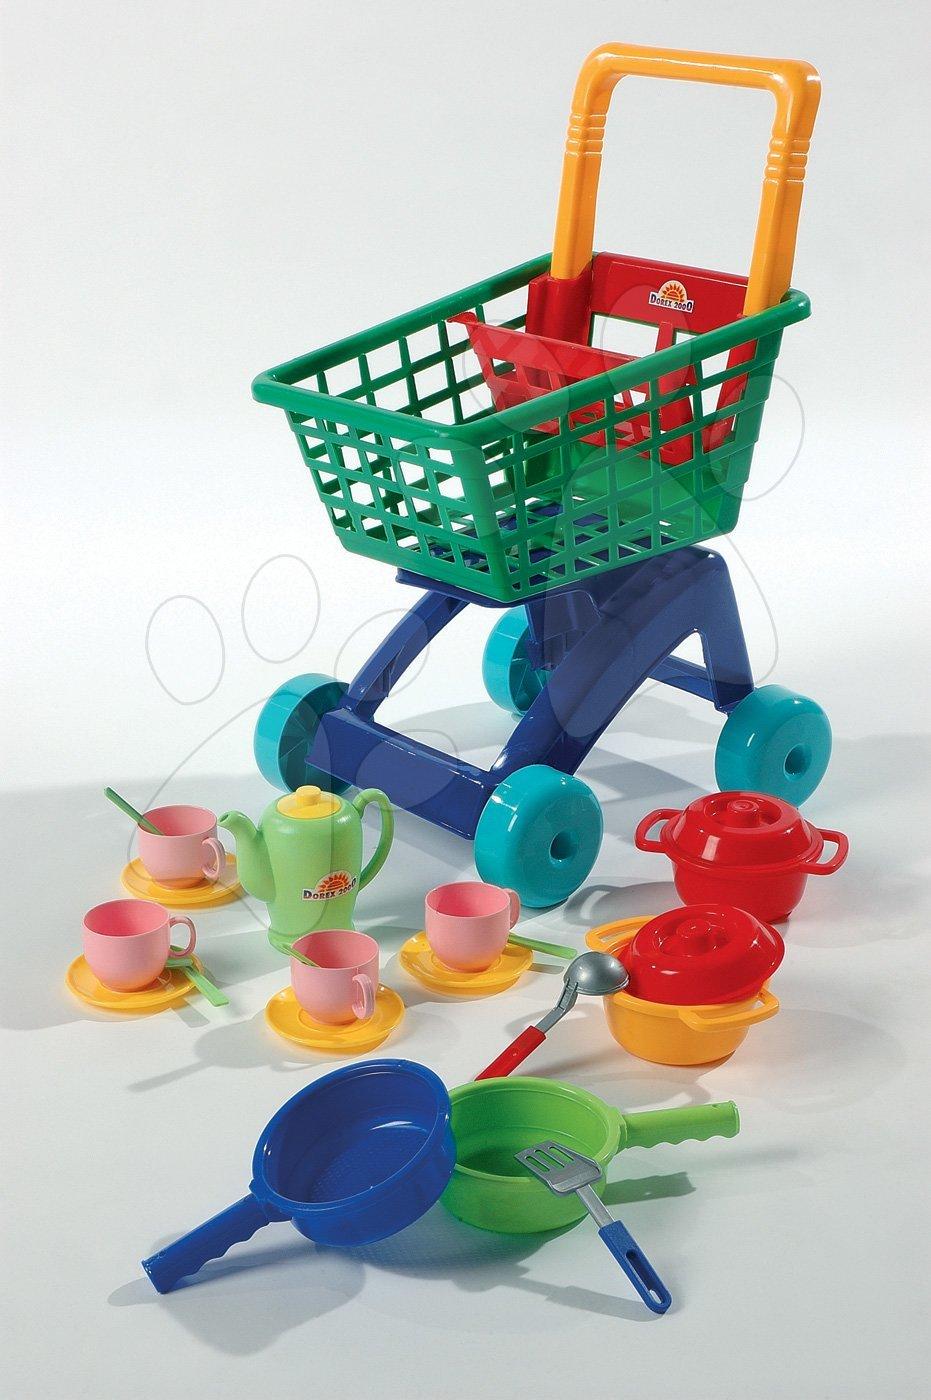 Nákupní vozík Dohány s nádobím a hrnci